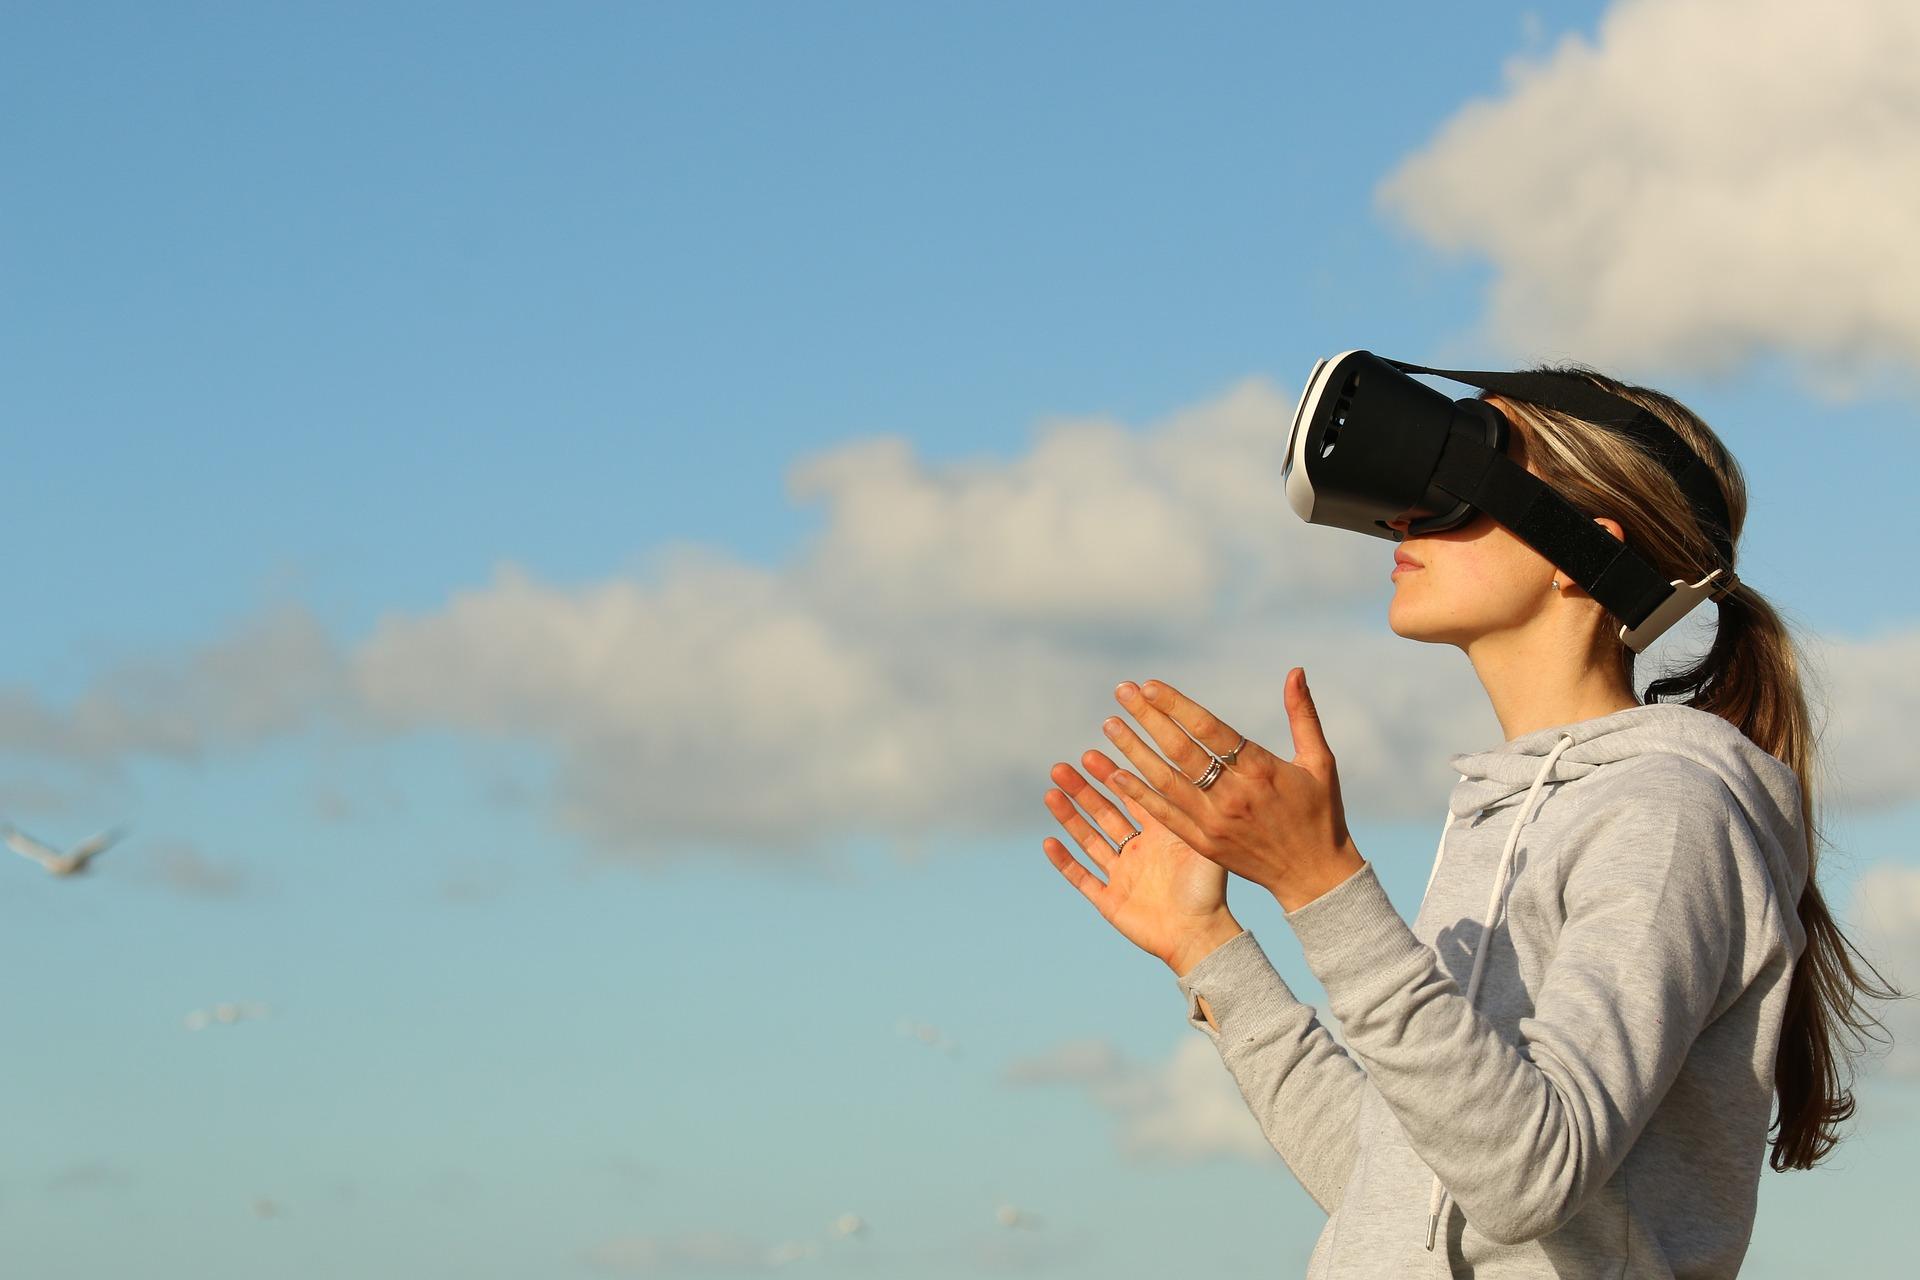 une fille qui porte un casque de réalité virtuelle et derrière elle on peut voir le ciel